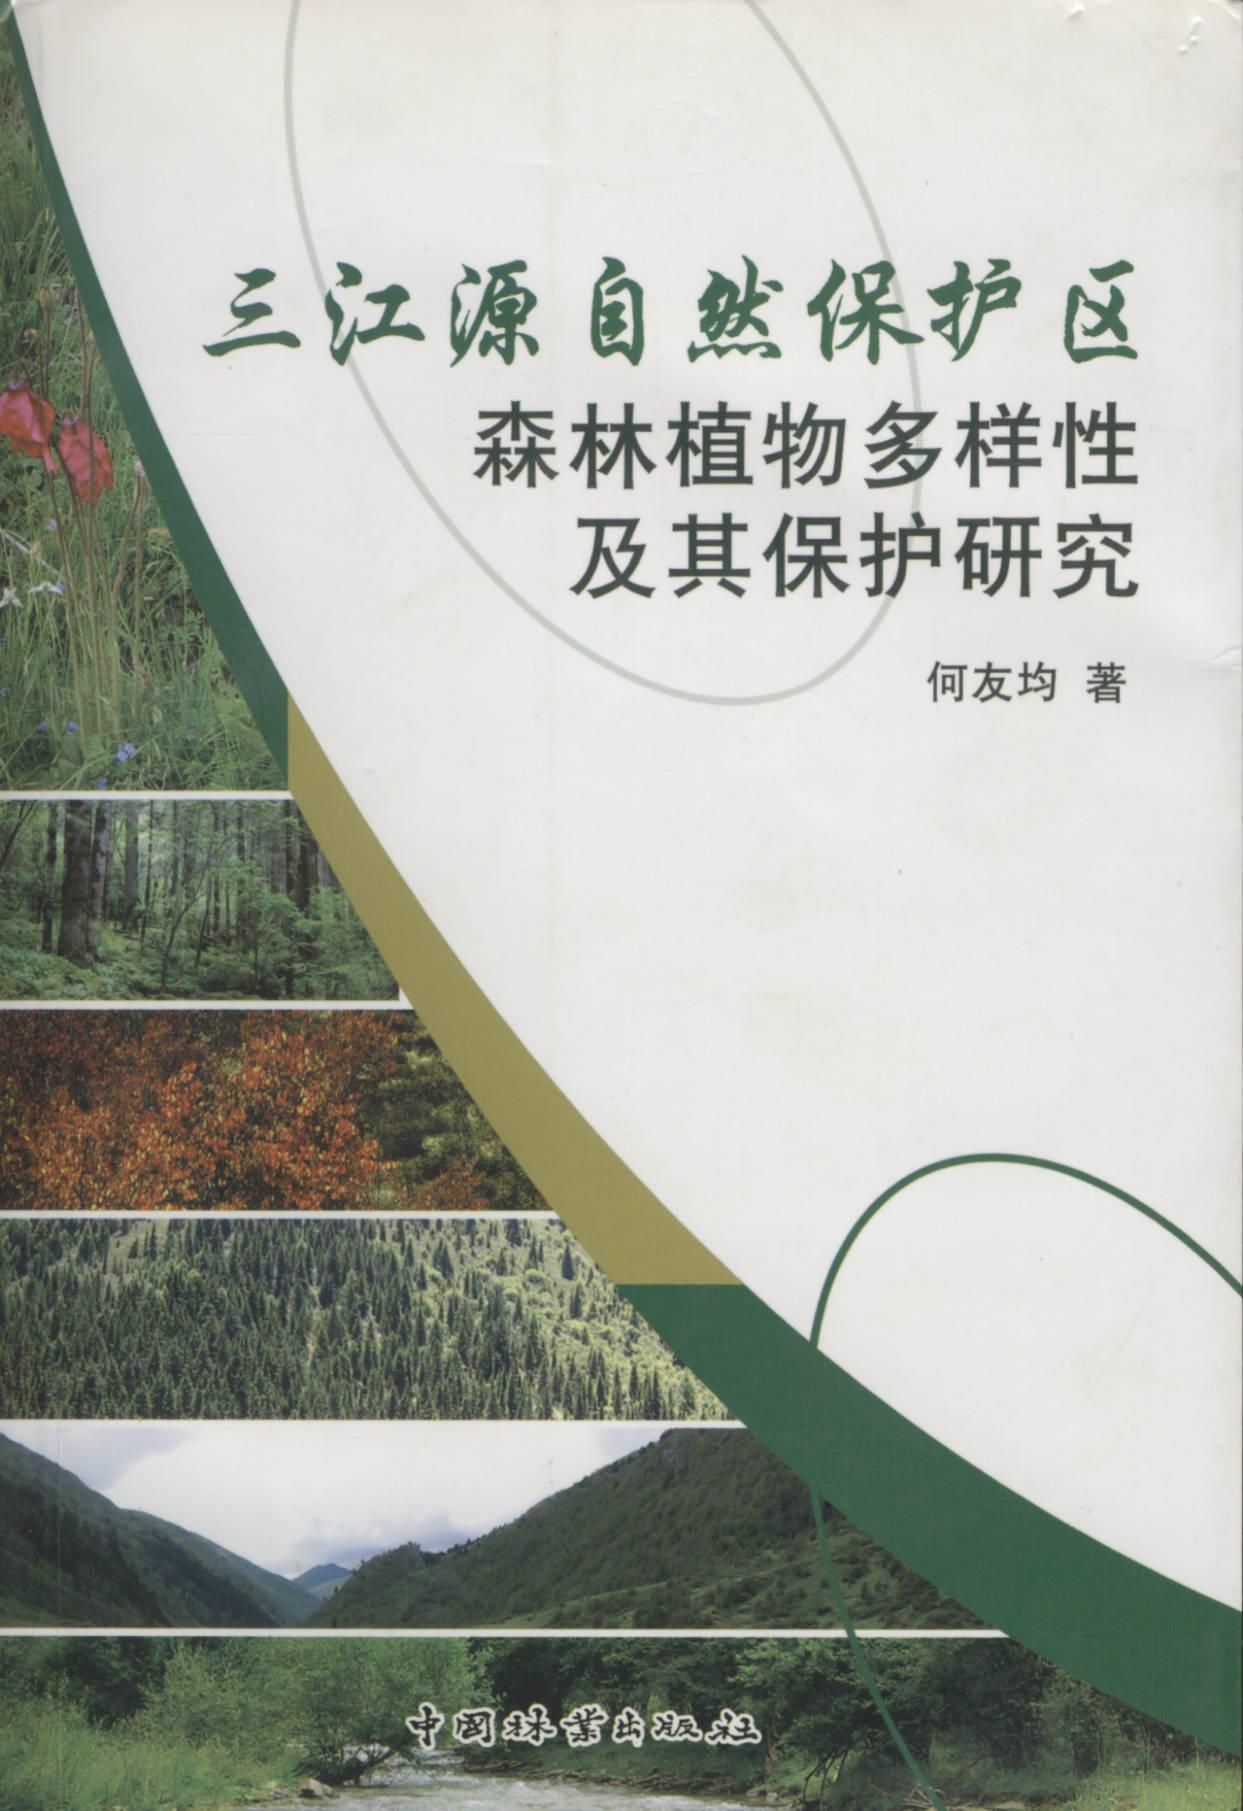 三江源自然保护区森林植物多样性及其保护研究